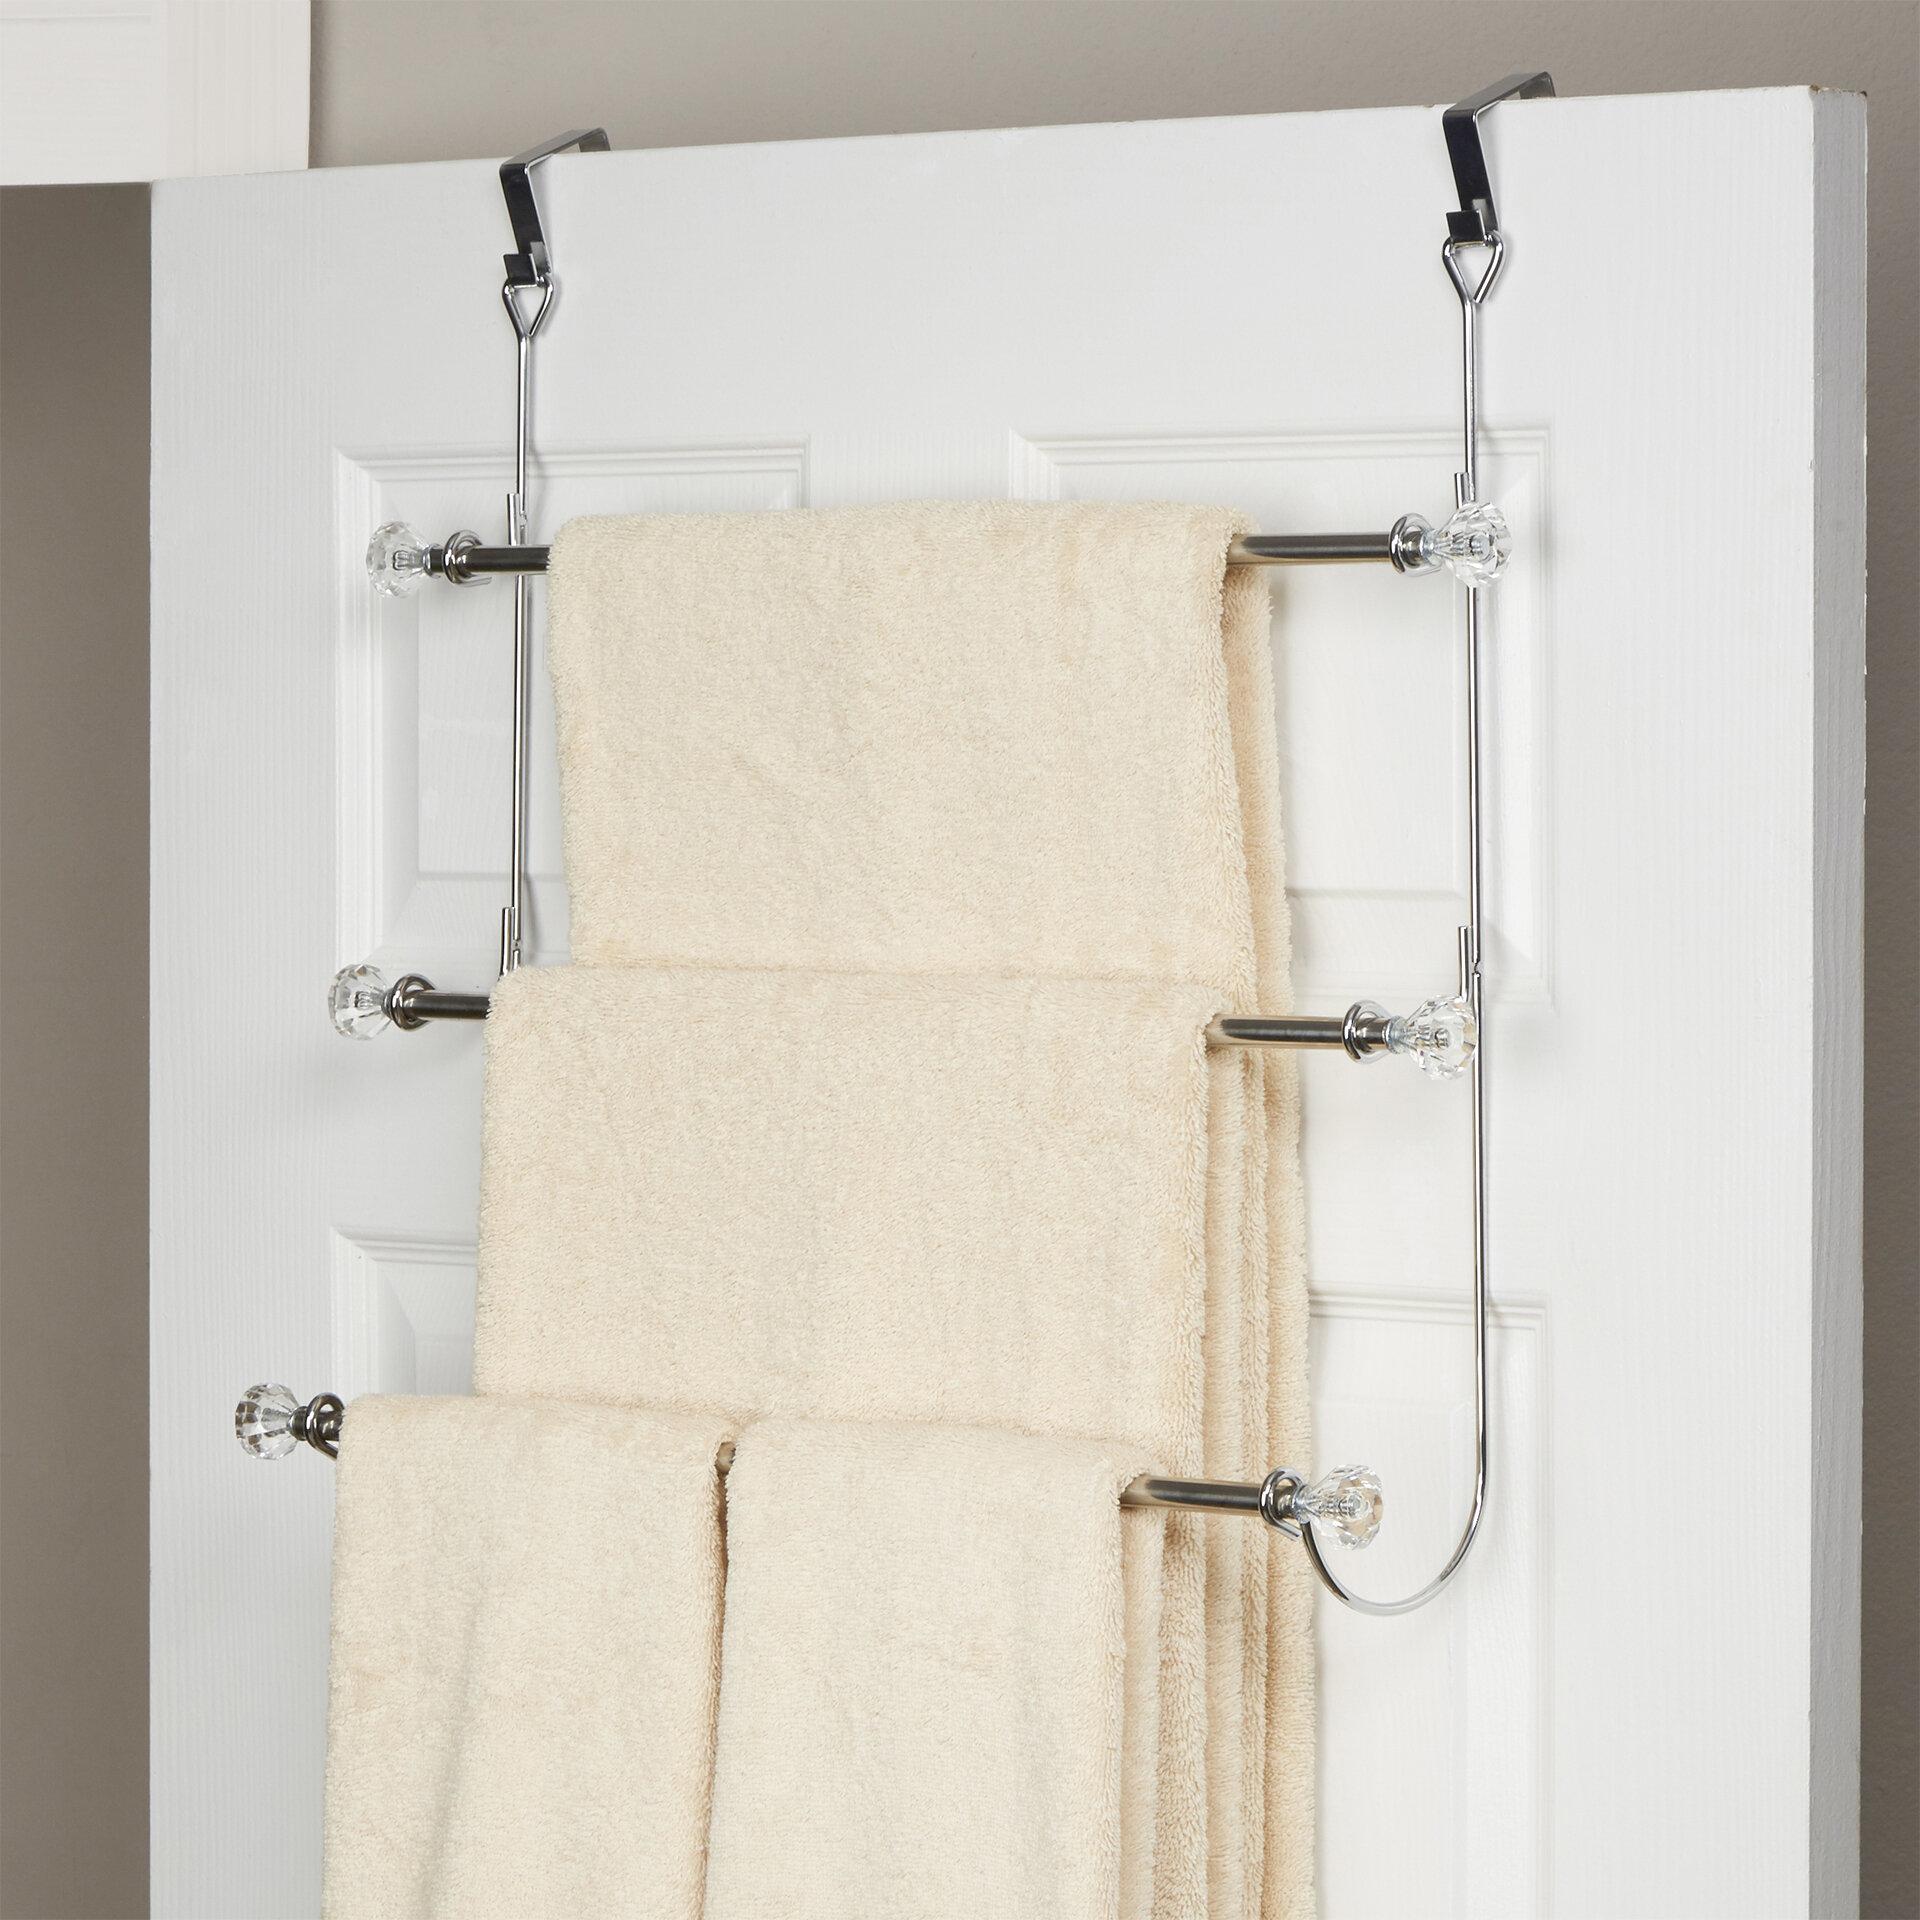 Rebrilliant Over The Door Towel Rack Reviews Wayfair